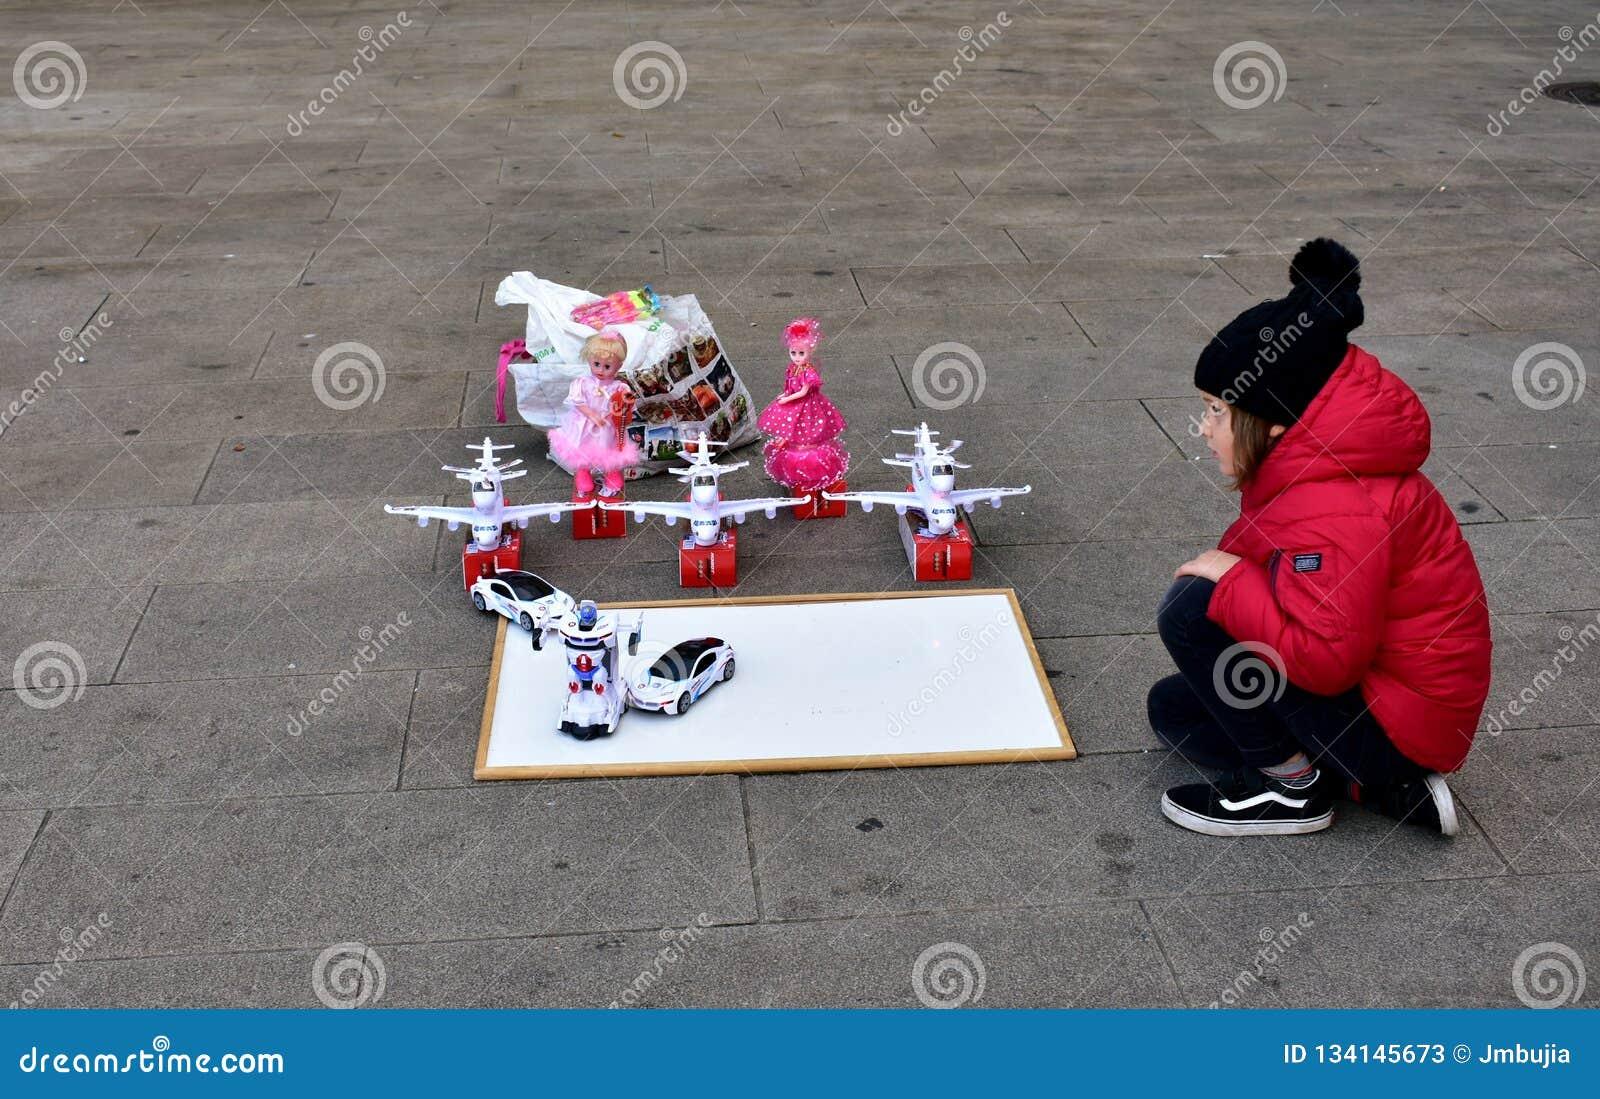 Foire de Noël de ville Une petite fille avec un manteau rouge et un chapeau noir regarde les jouets dans la La Coruna, Espagne de